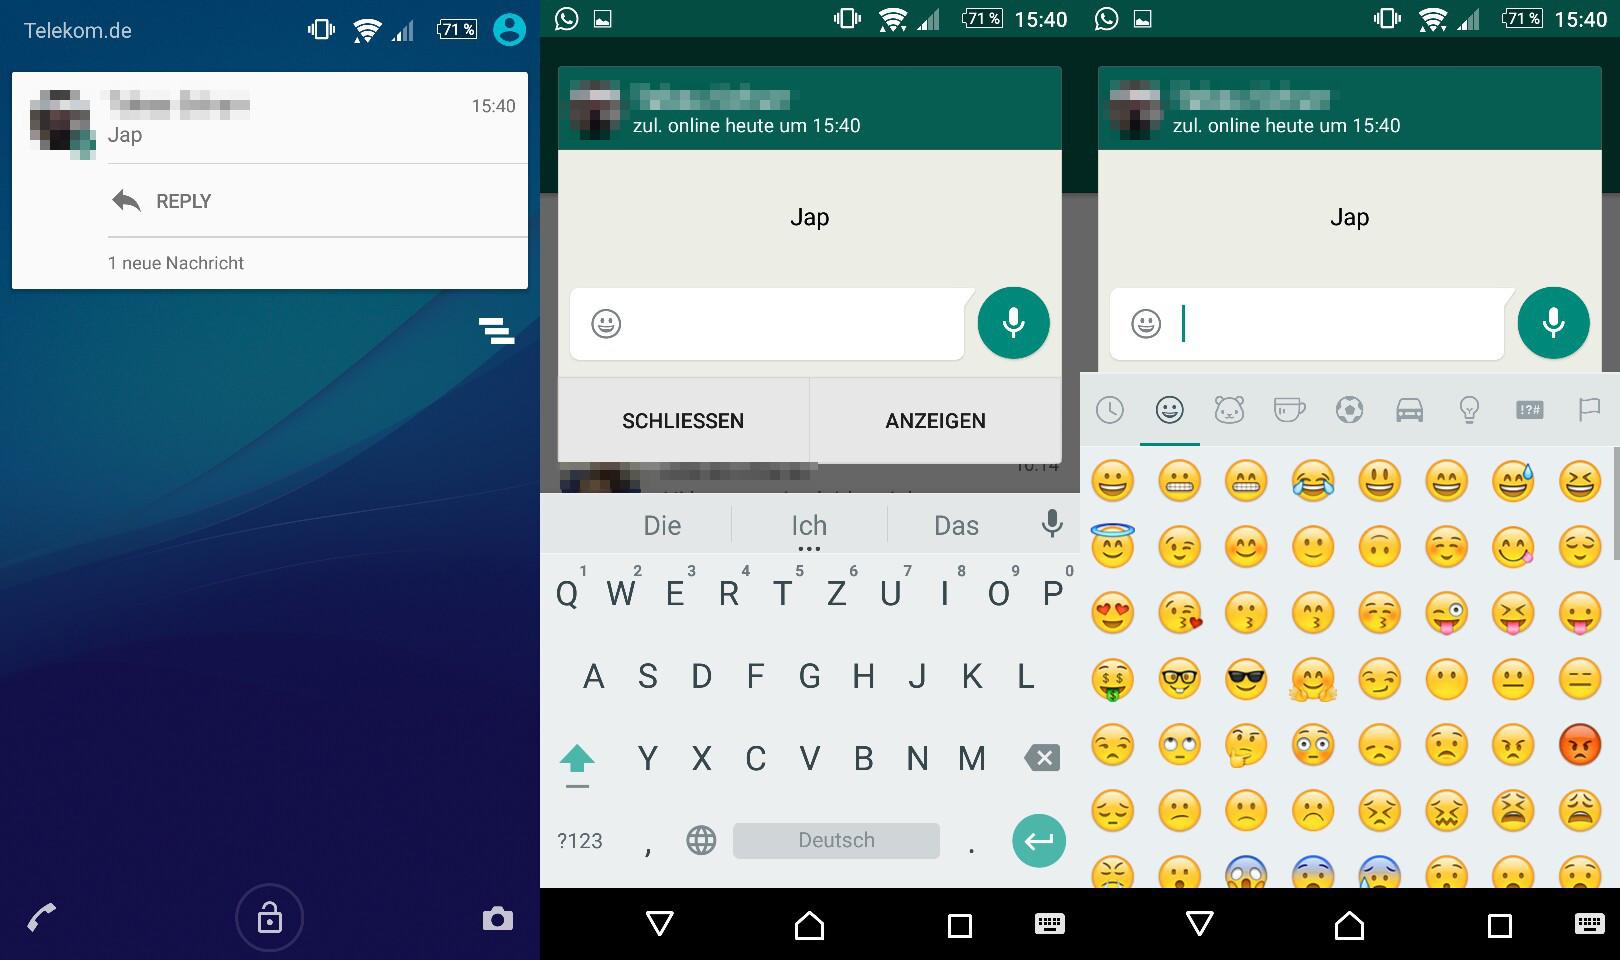 WhatsApp: Direkte Antwort im Popup möglich